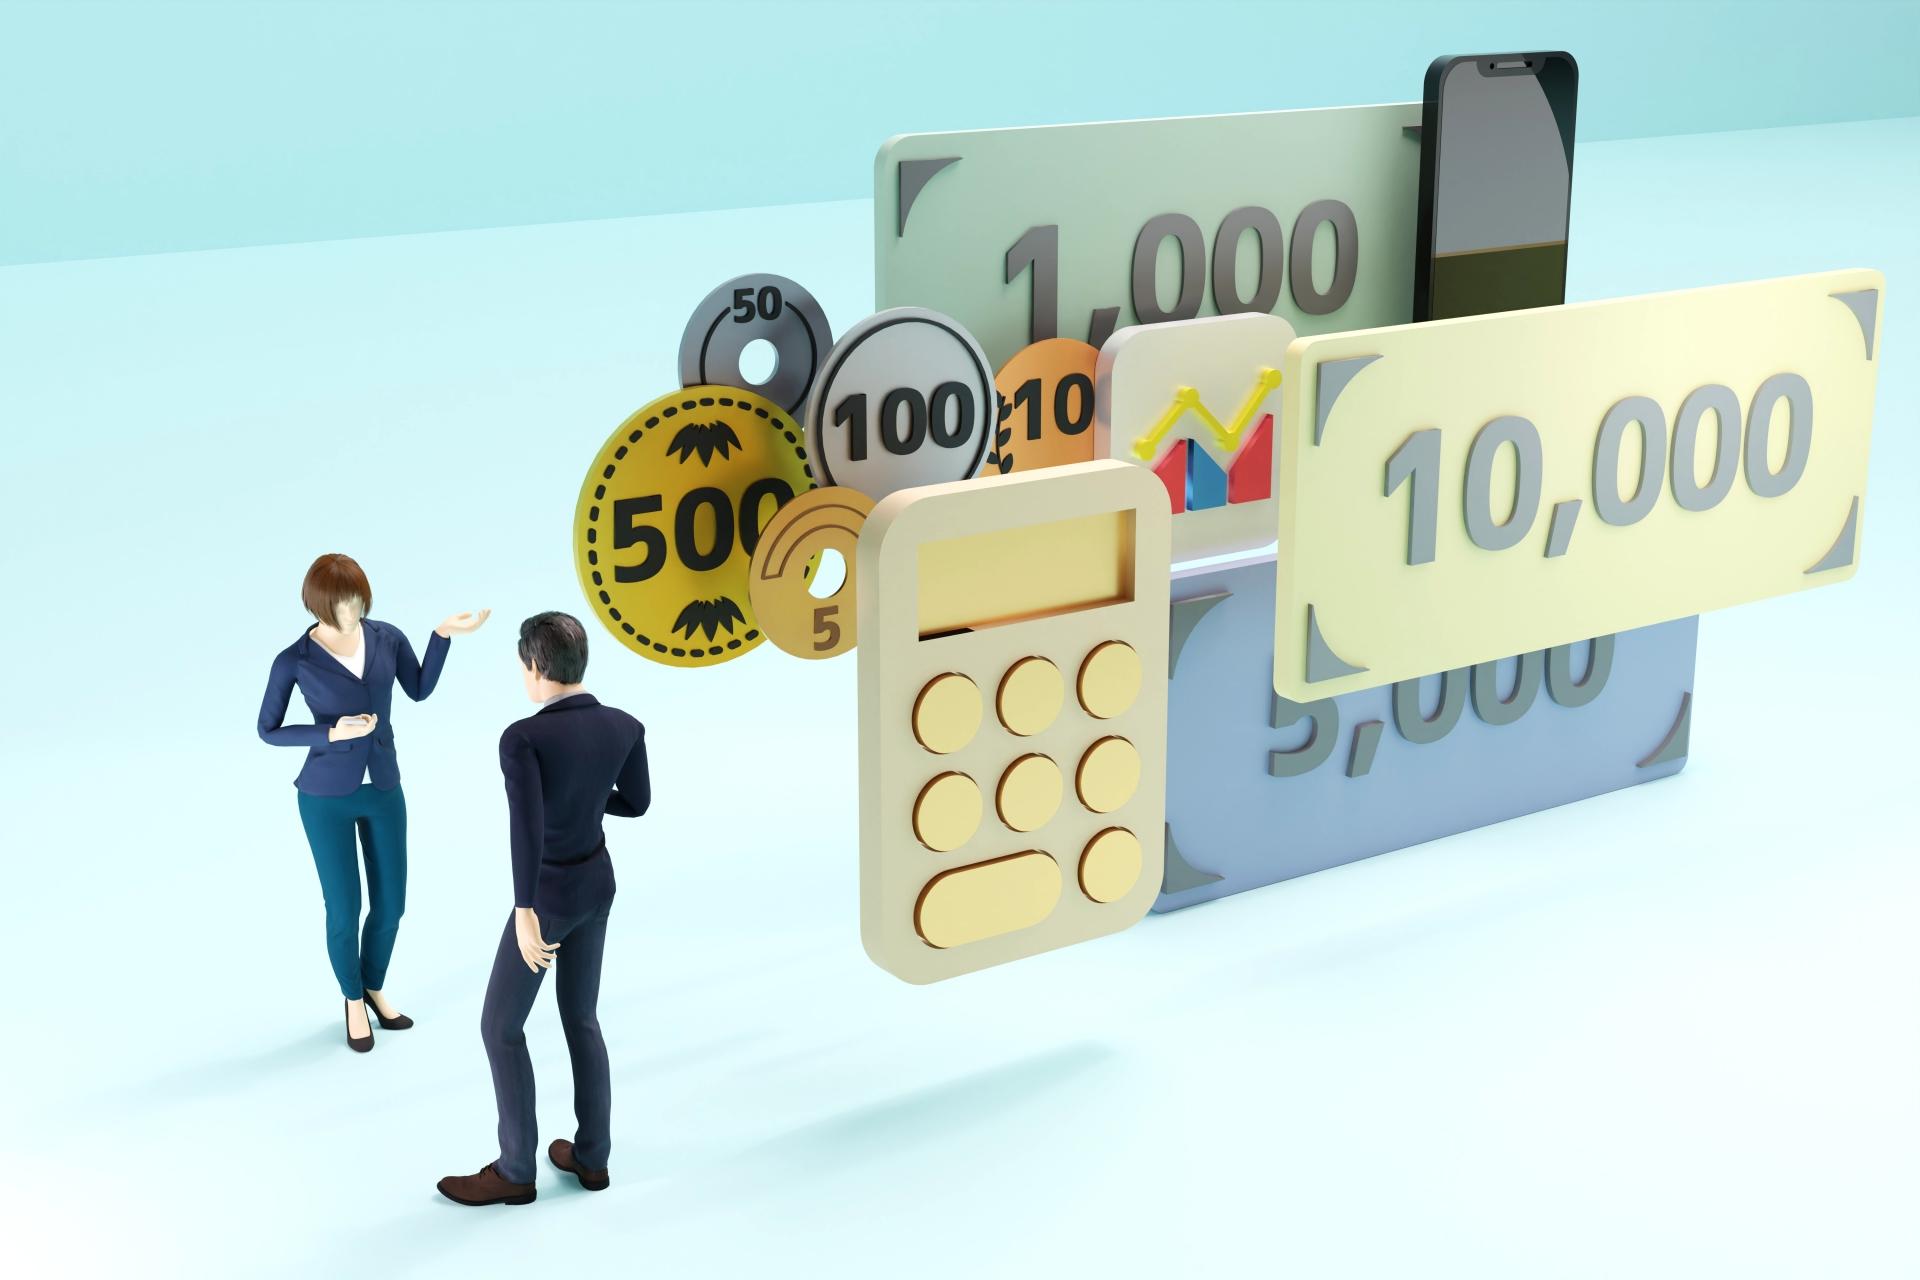 【即時出金あり】FXGTの出金方法は5つ!便利な出金方法はどれ?